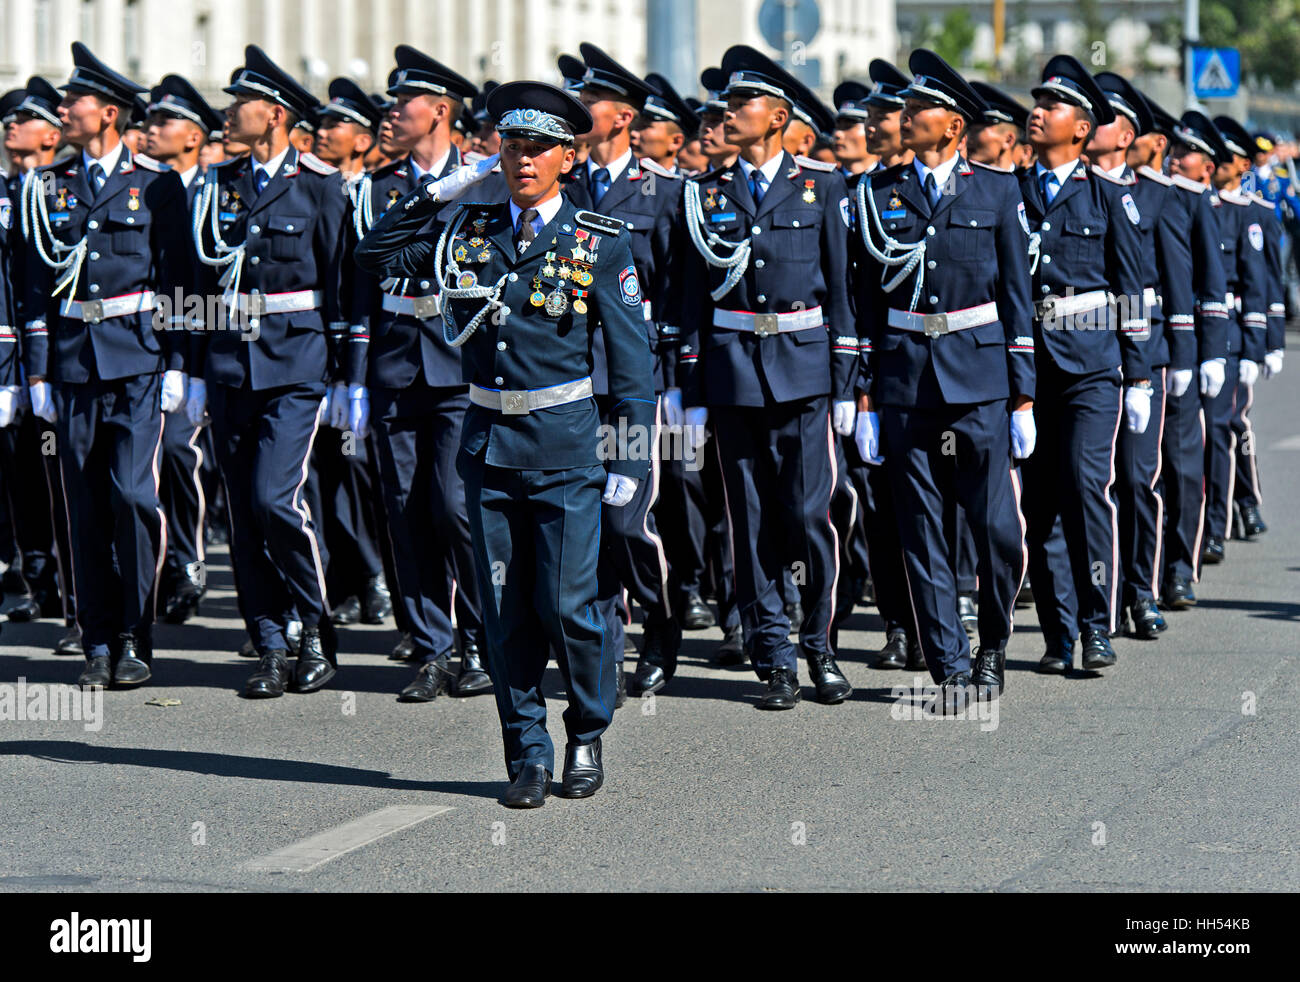 Einheit der mongolischen Polizei bei einer Parade, Ulaanbaatar, Mongolei Stockbild